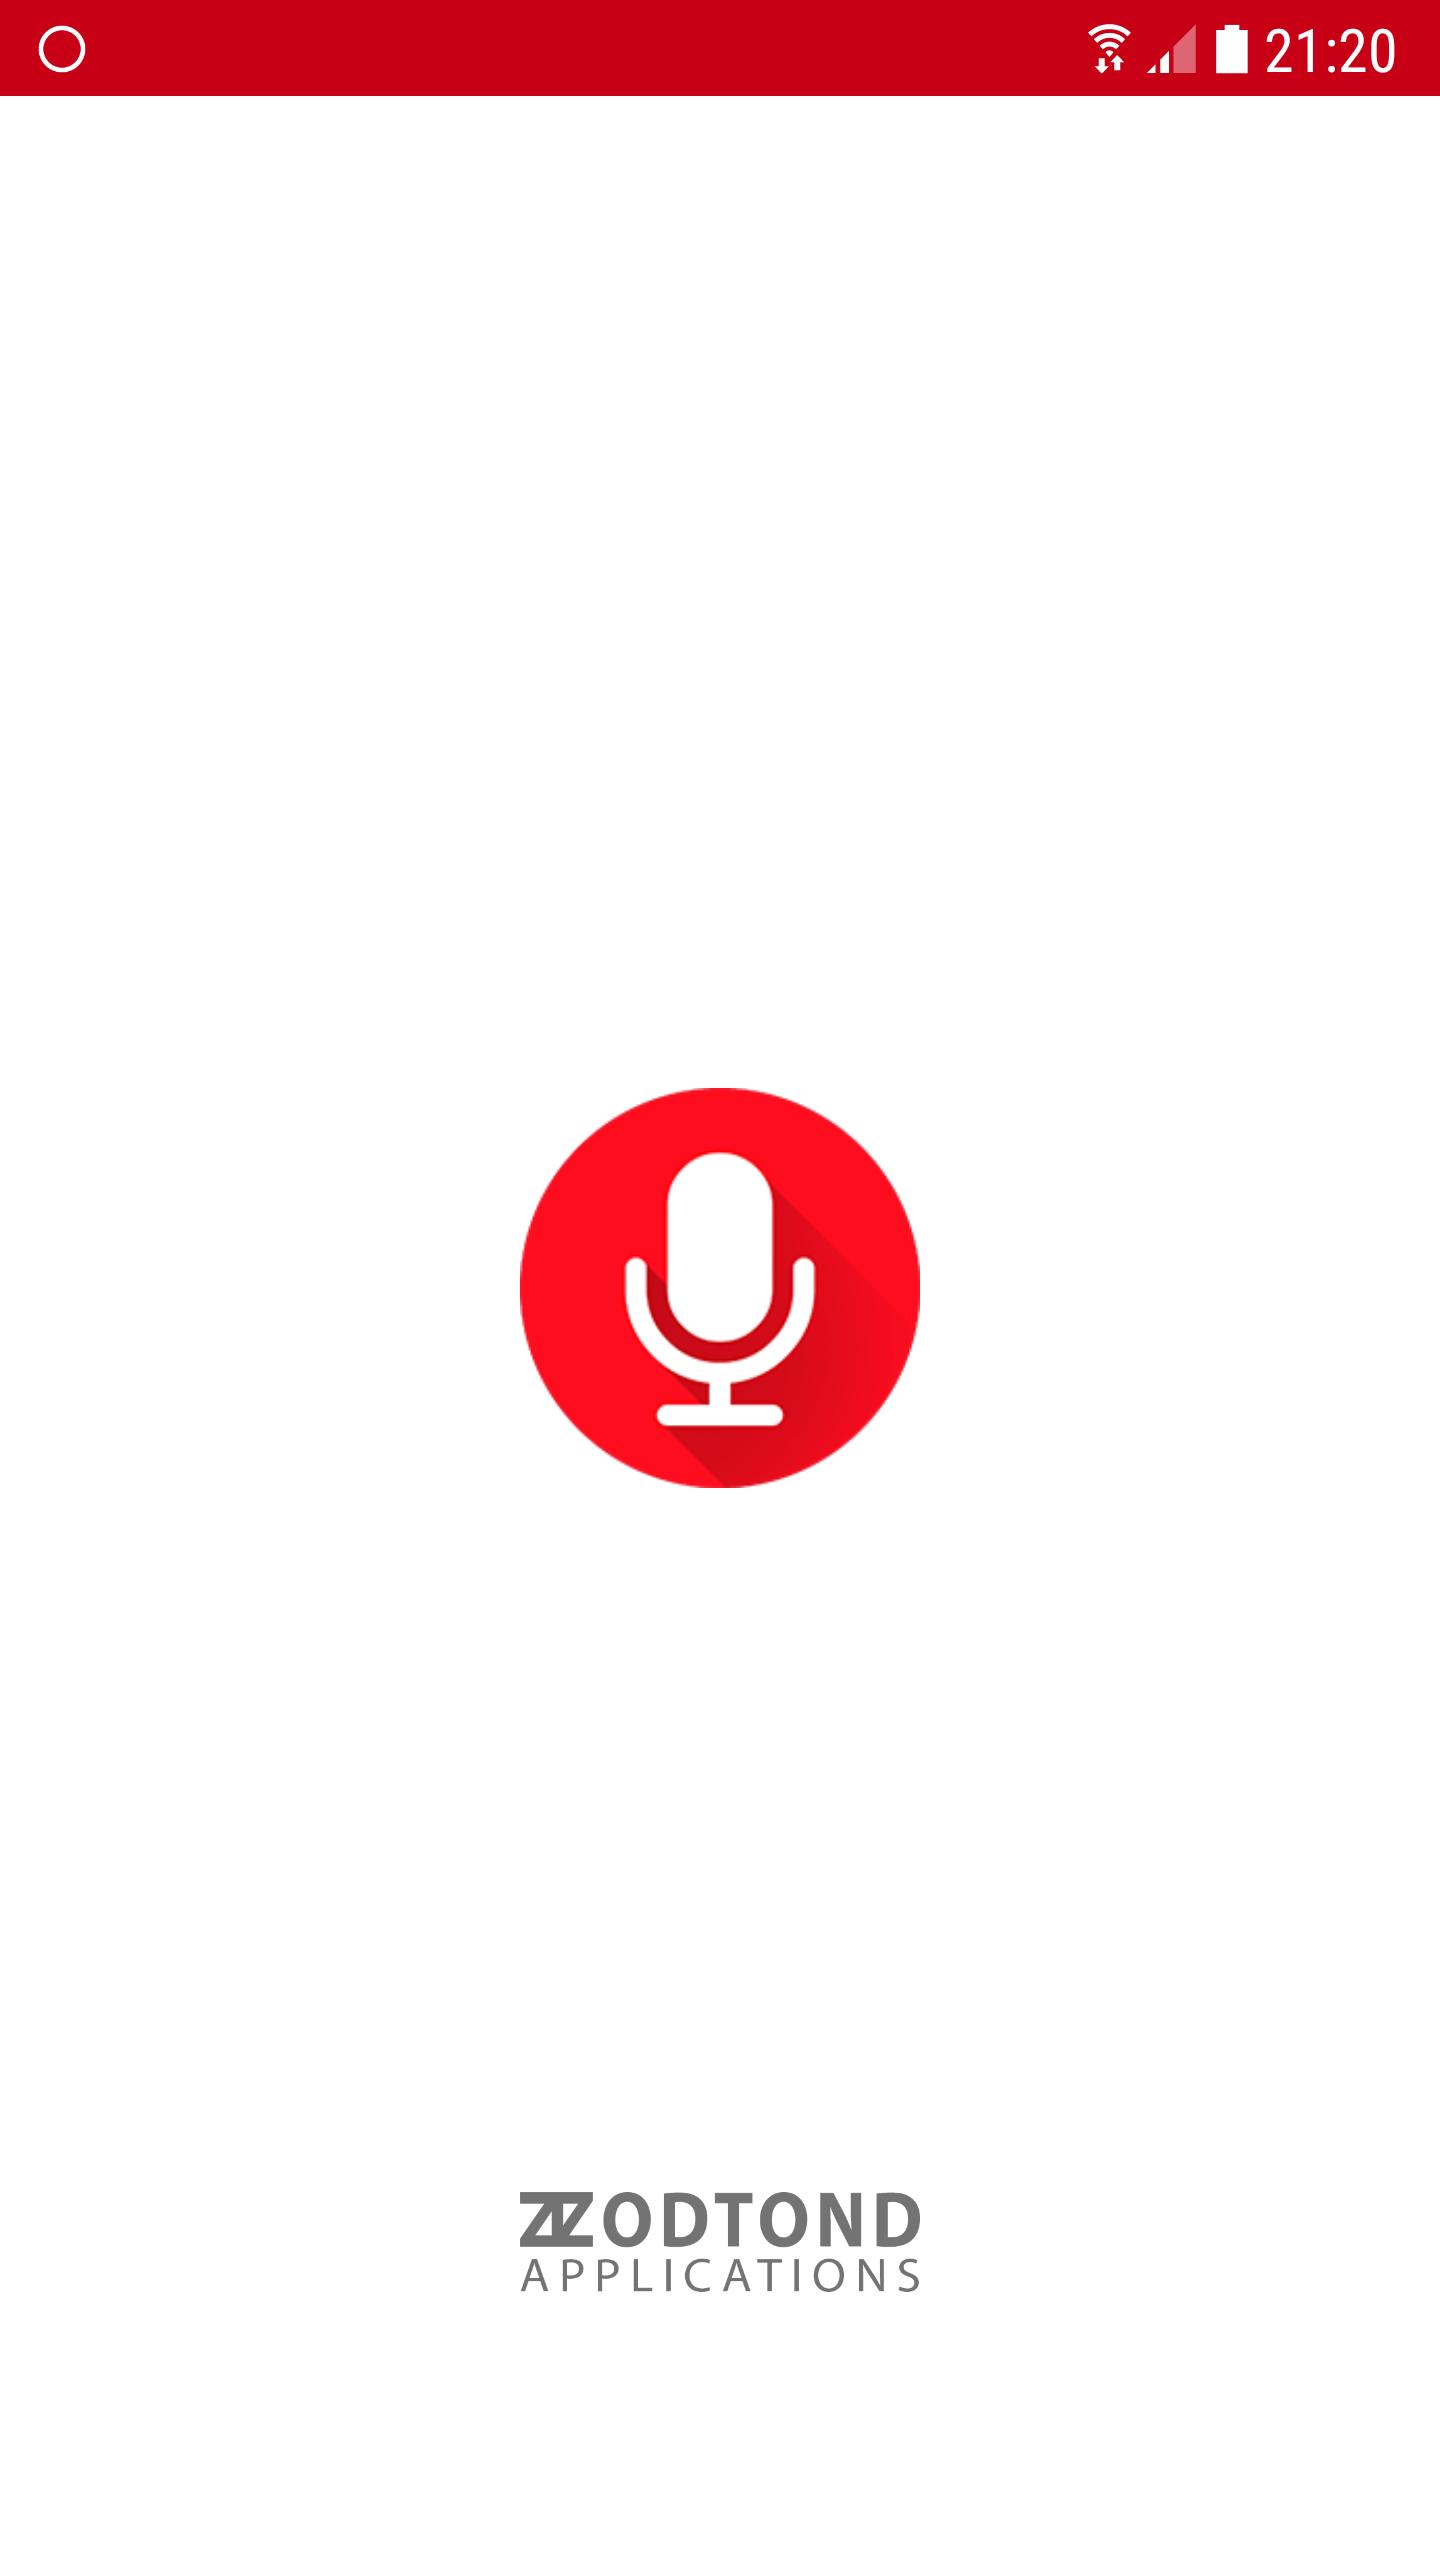 تصویر 1 ضبط صوت و تماسهای تلفنی